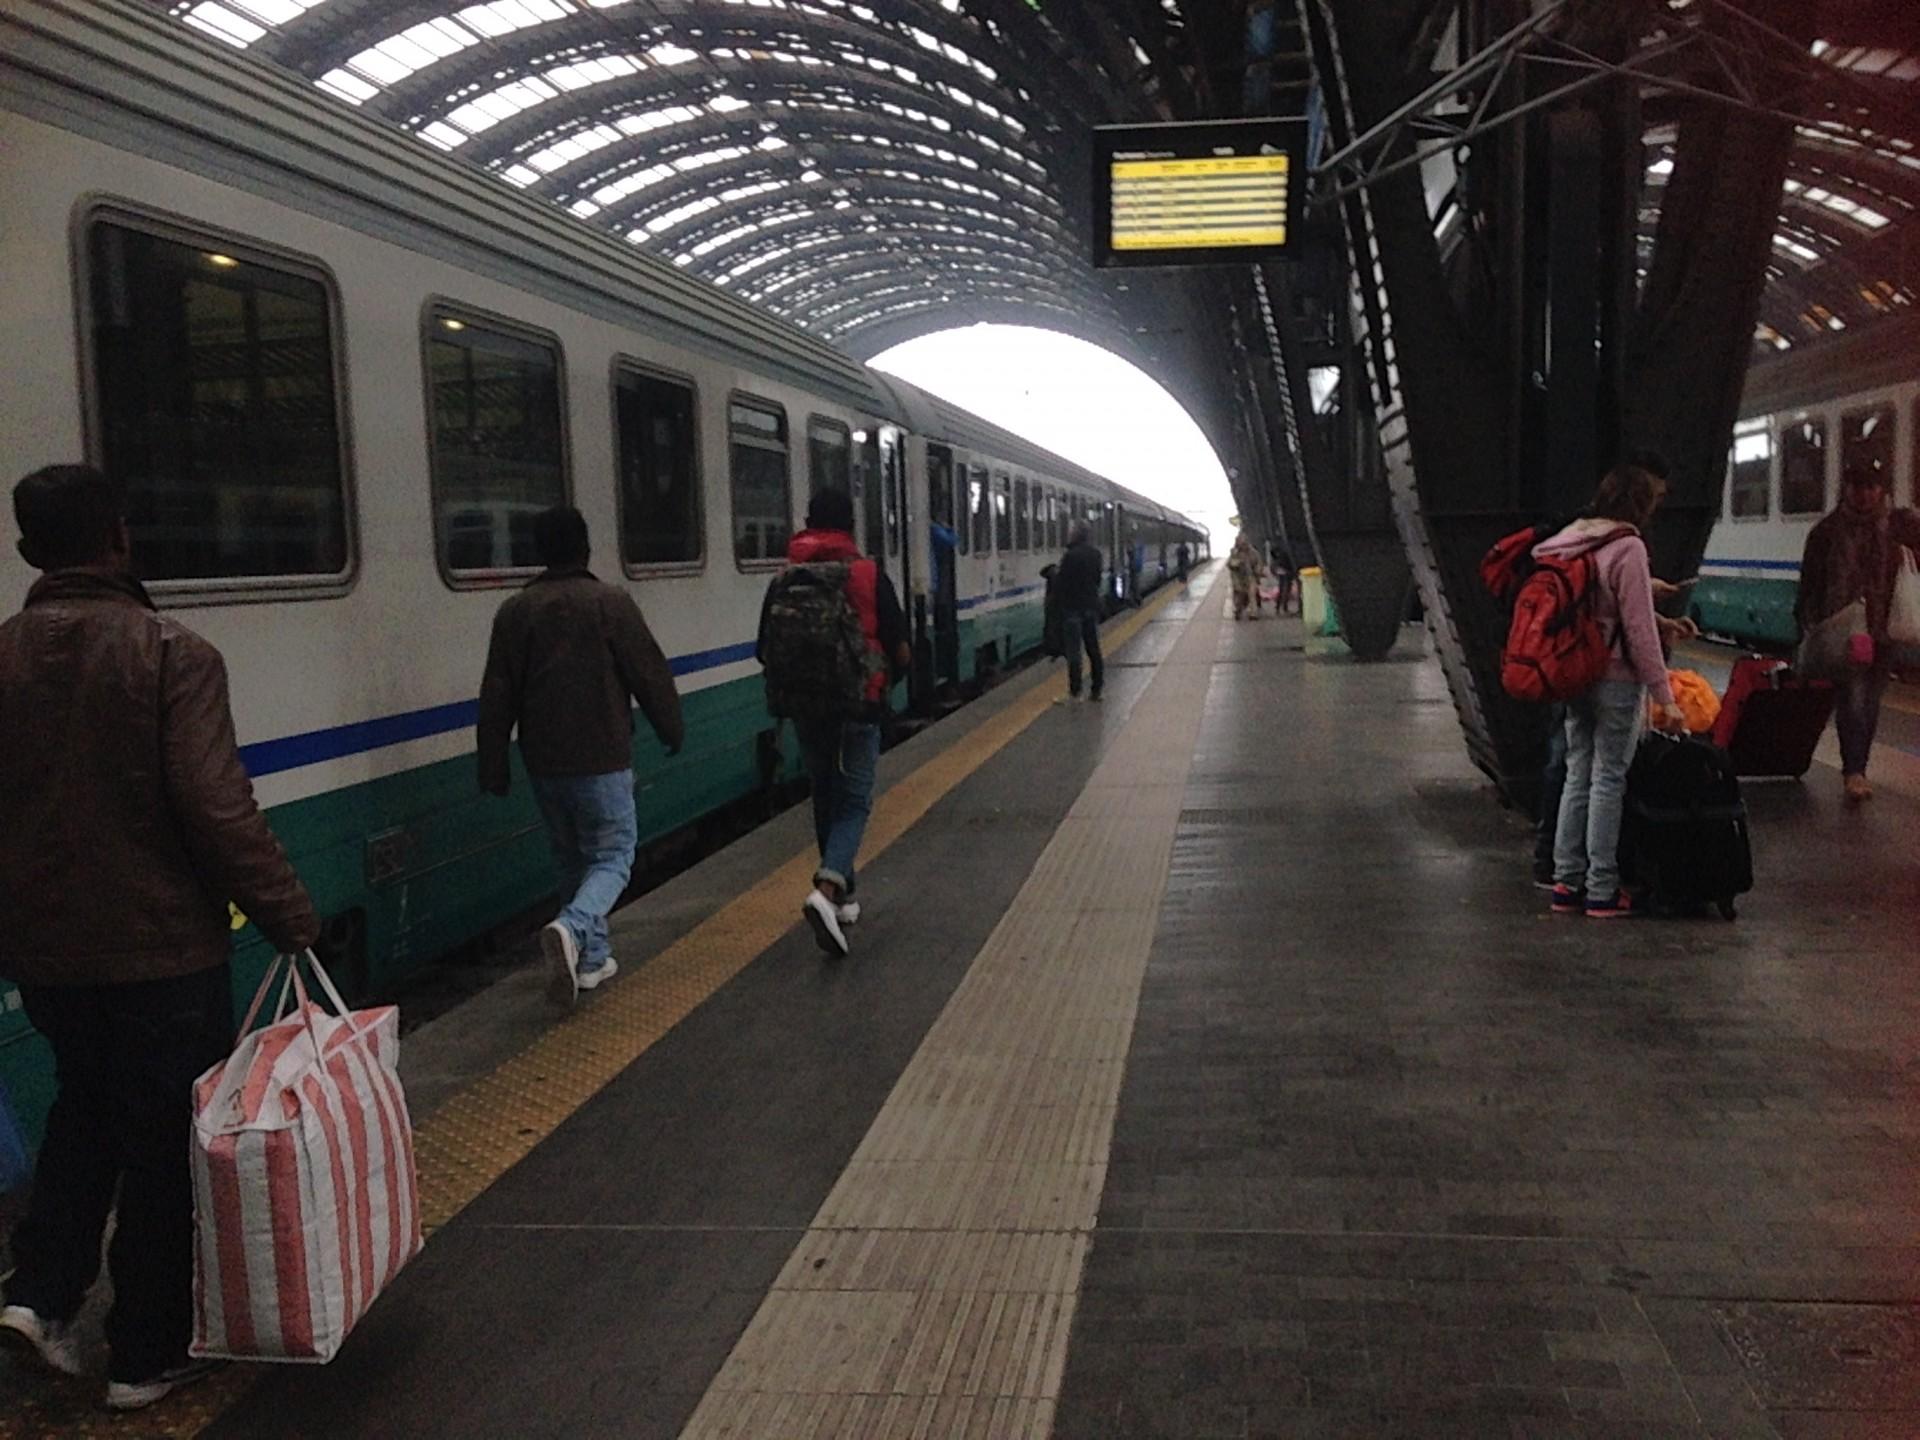 Eritrese vluchtelingen nemen de trein in Milaan